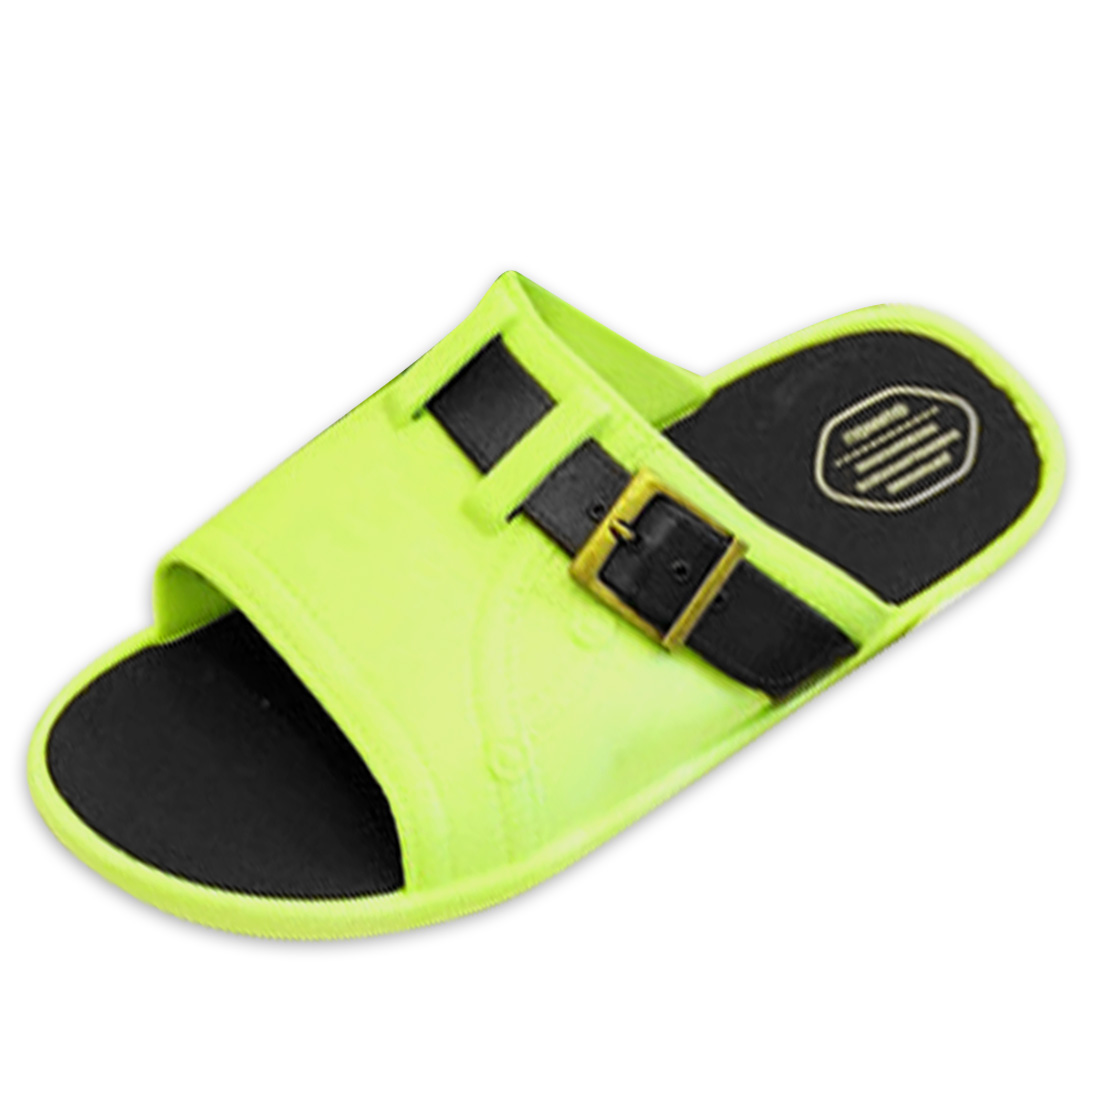 Men Adjustable Buckle Letters Detail Slide Sandals Lime Green US Size 11